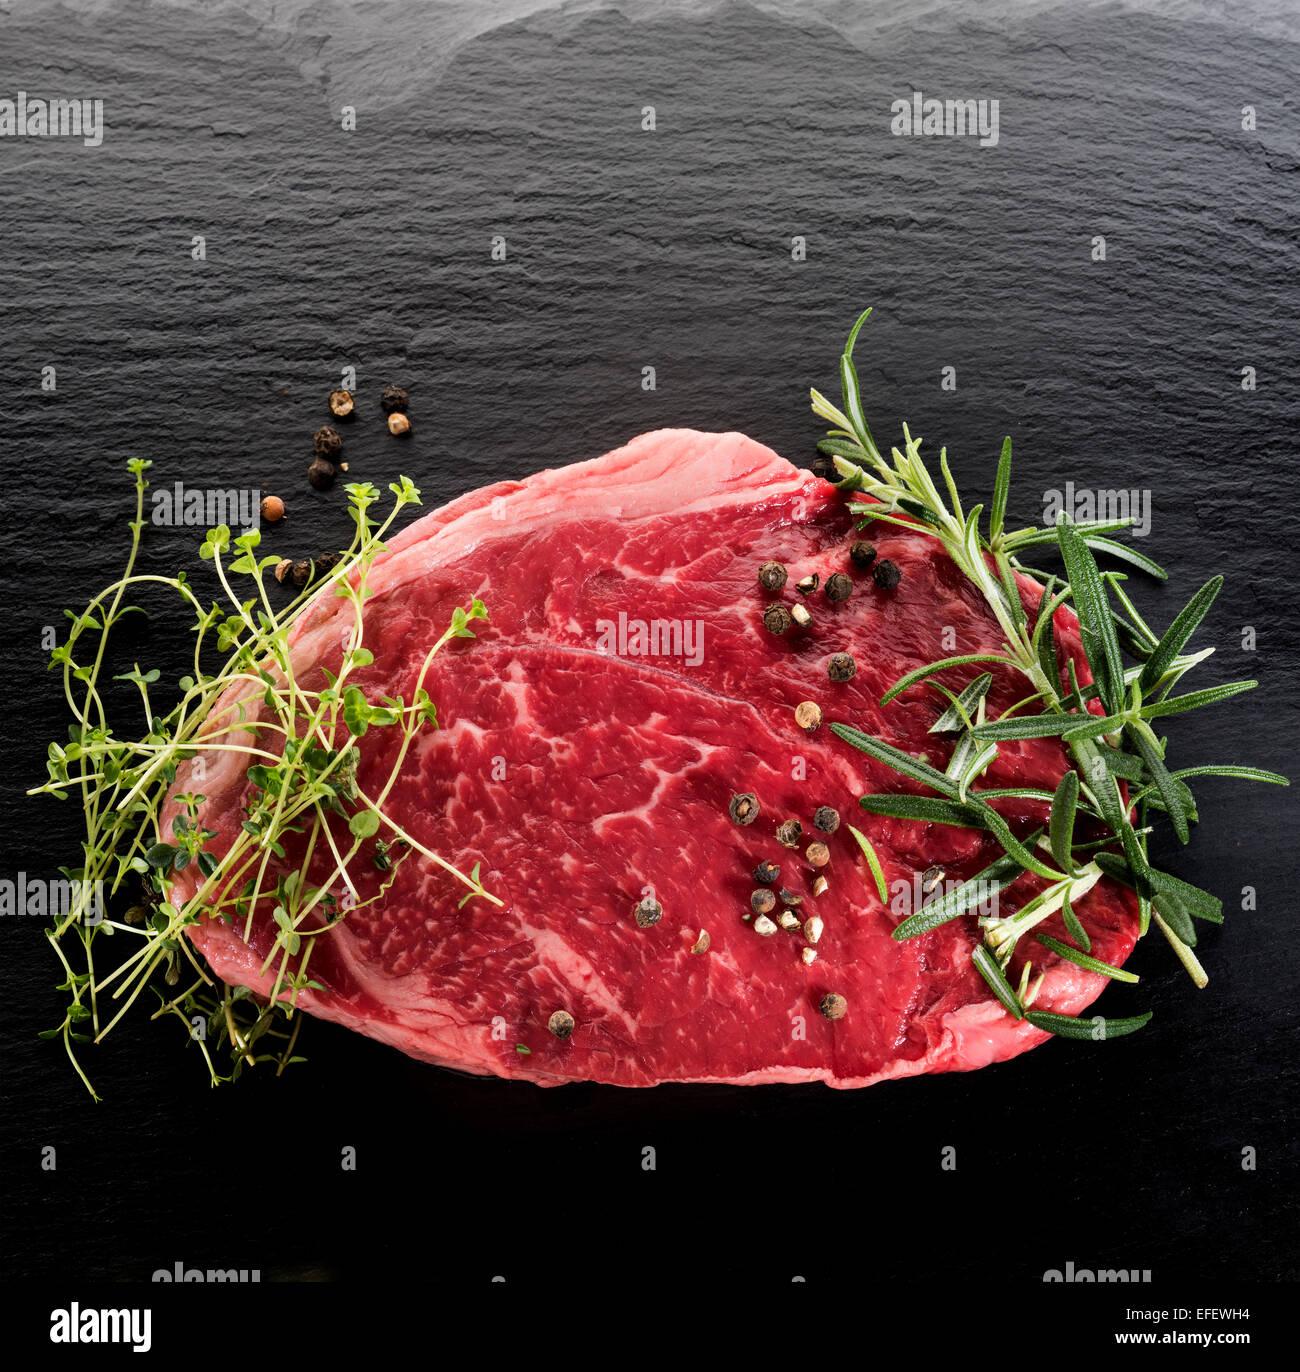 Boeuf cru pur Boeuf Américain Steak Steak de manger les animaux Aliments chair Bow tranche de cuisson cuisson Photo Stock